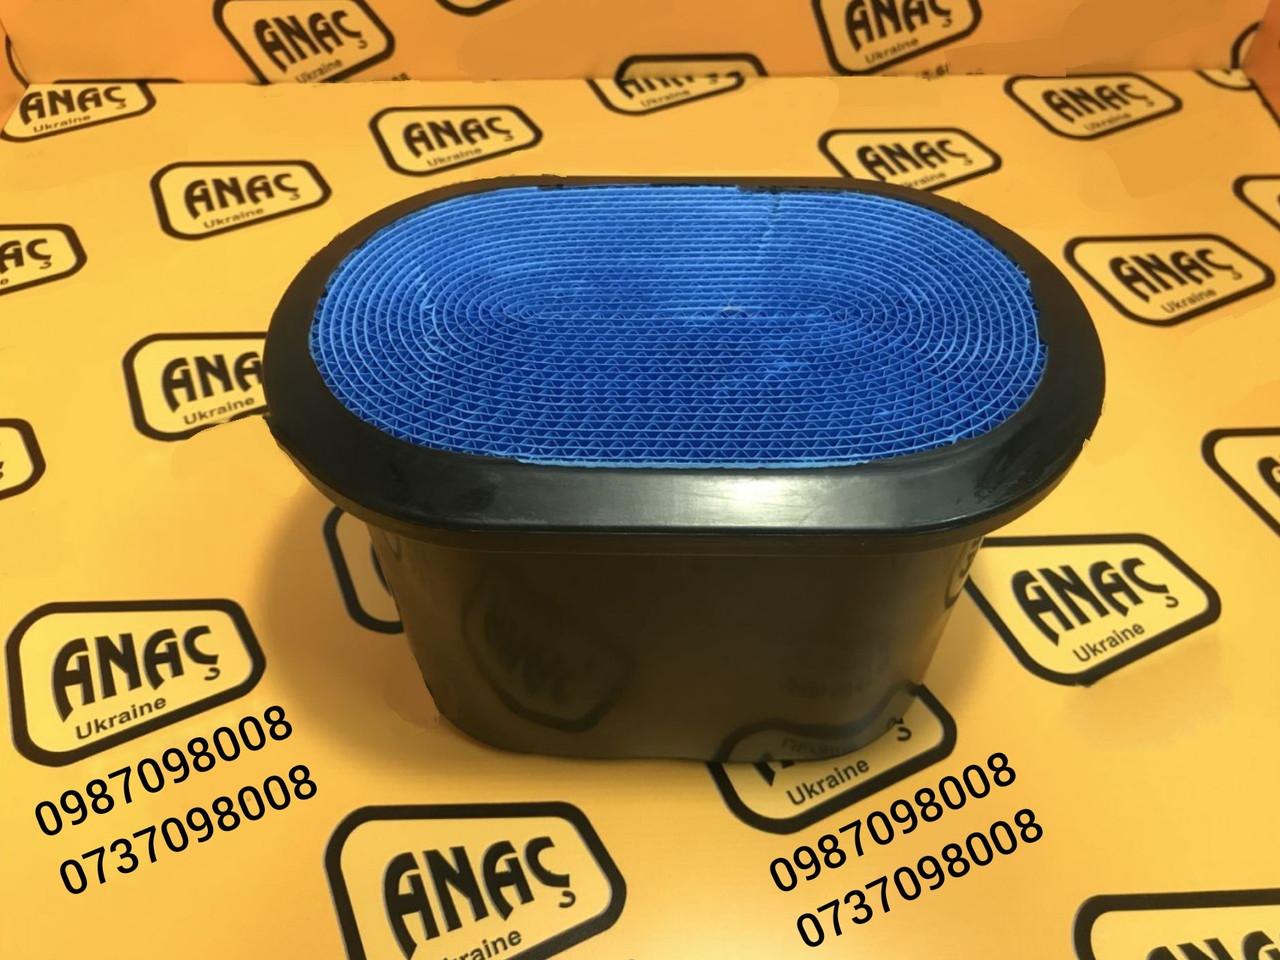 Воздушный фильтр, для очистки от пыли (фильтрования) воздуха, на JCB 3CX, 4CX  номер : 32/925682